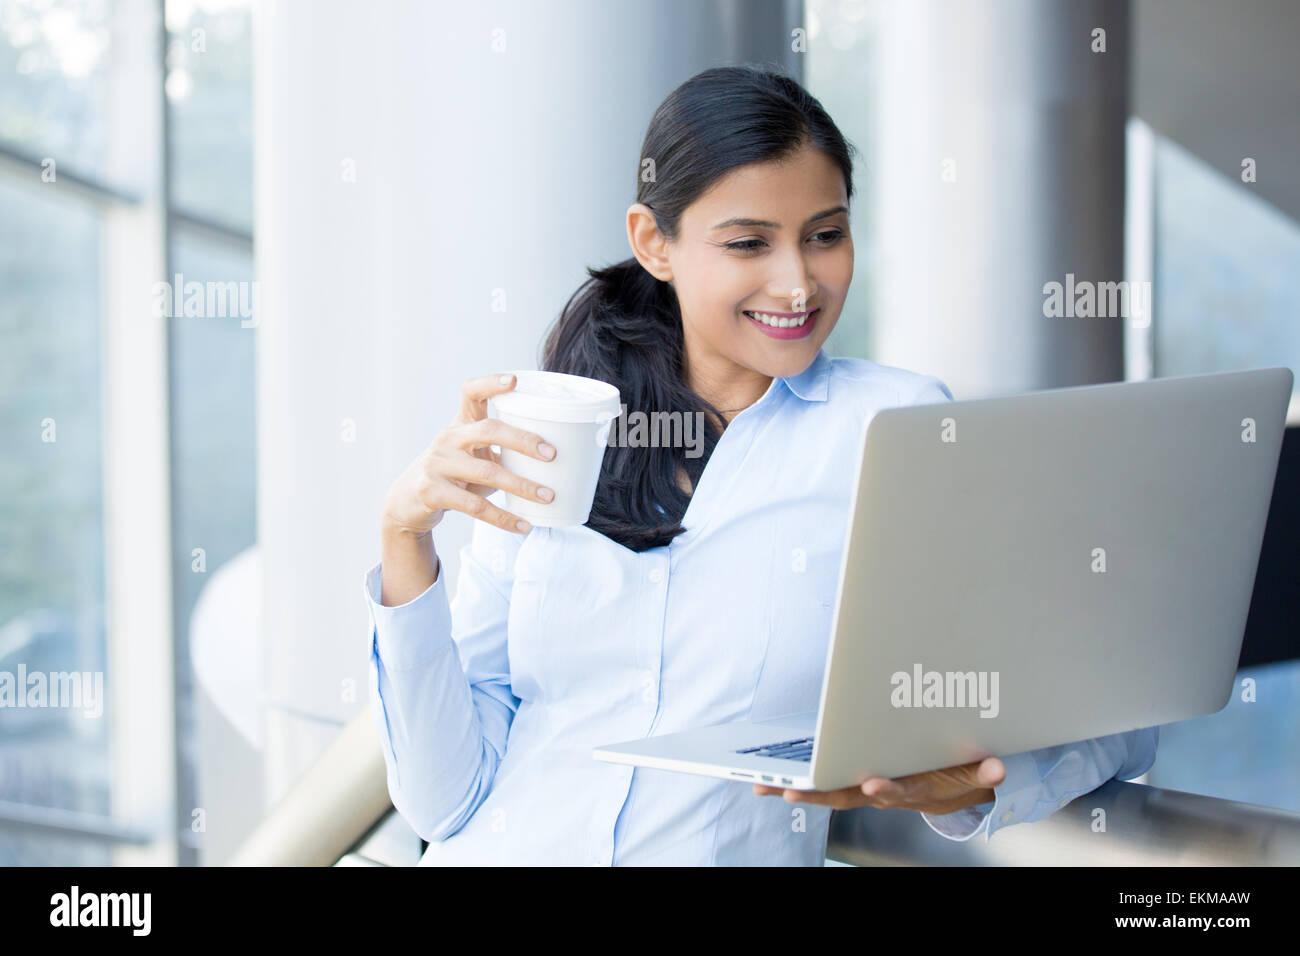 Closeup portrait, jeune, jolie femme debout, boire du café, souriant à l'ordinateur portable, le surf d'argent. Banque D'Images